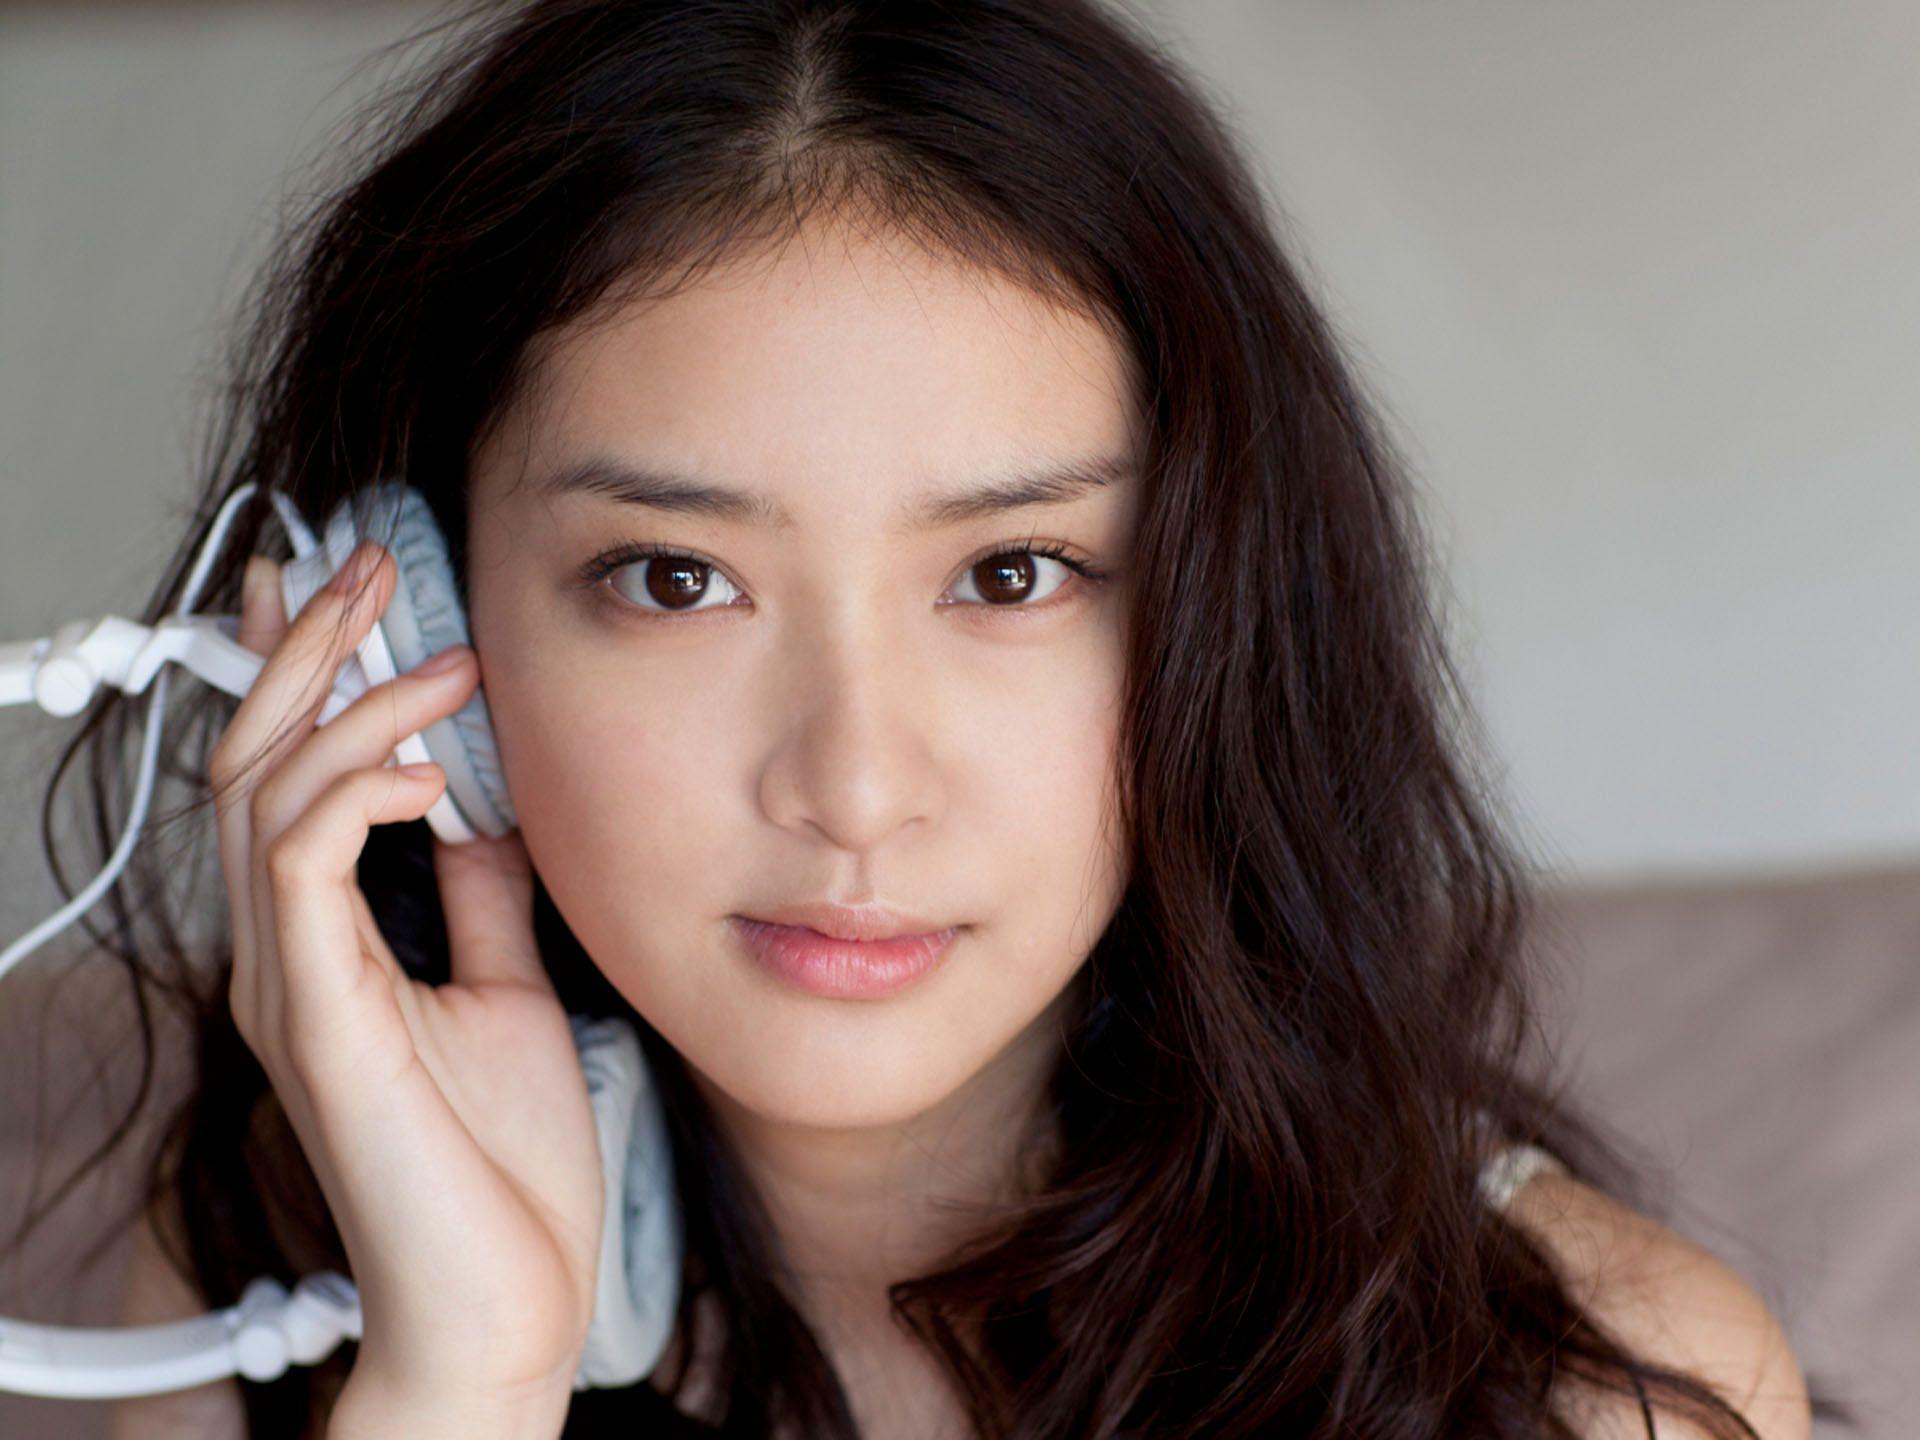 【女優】武井えみが、これまでに主演を務めたドラマとは!?のサムネイル画像